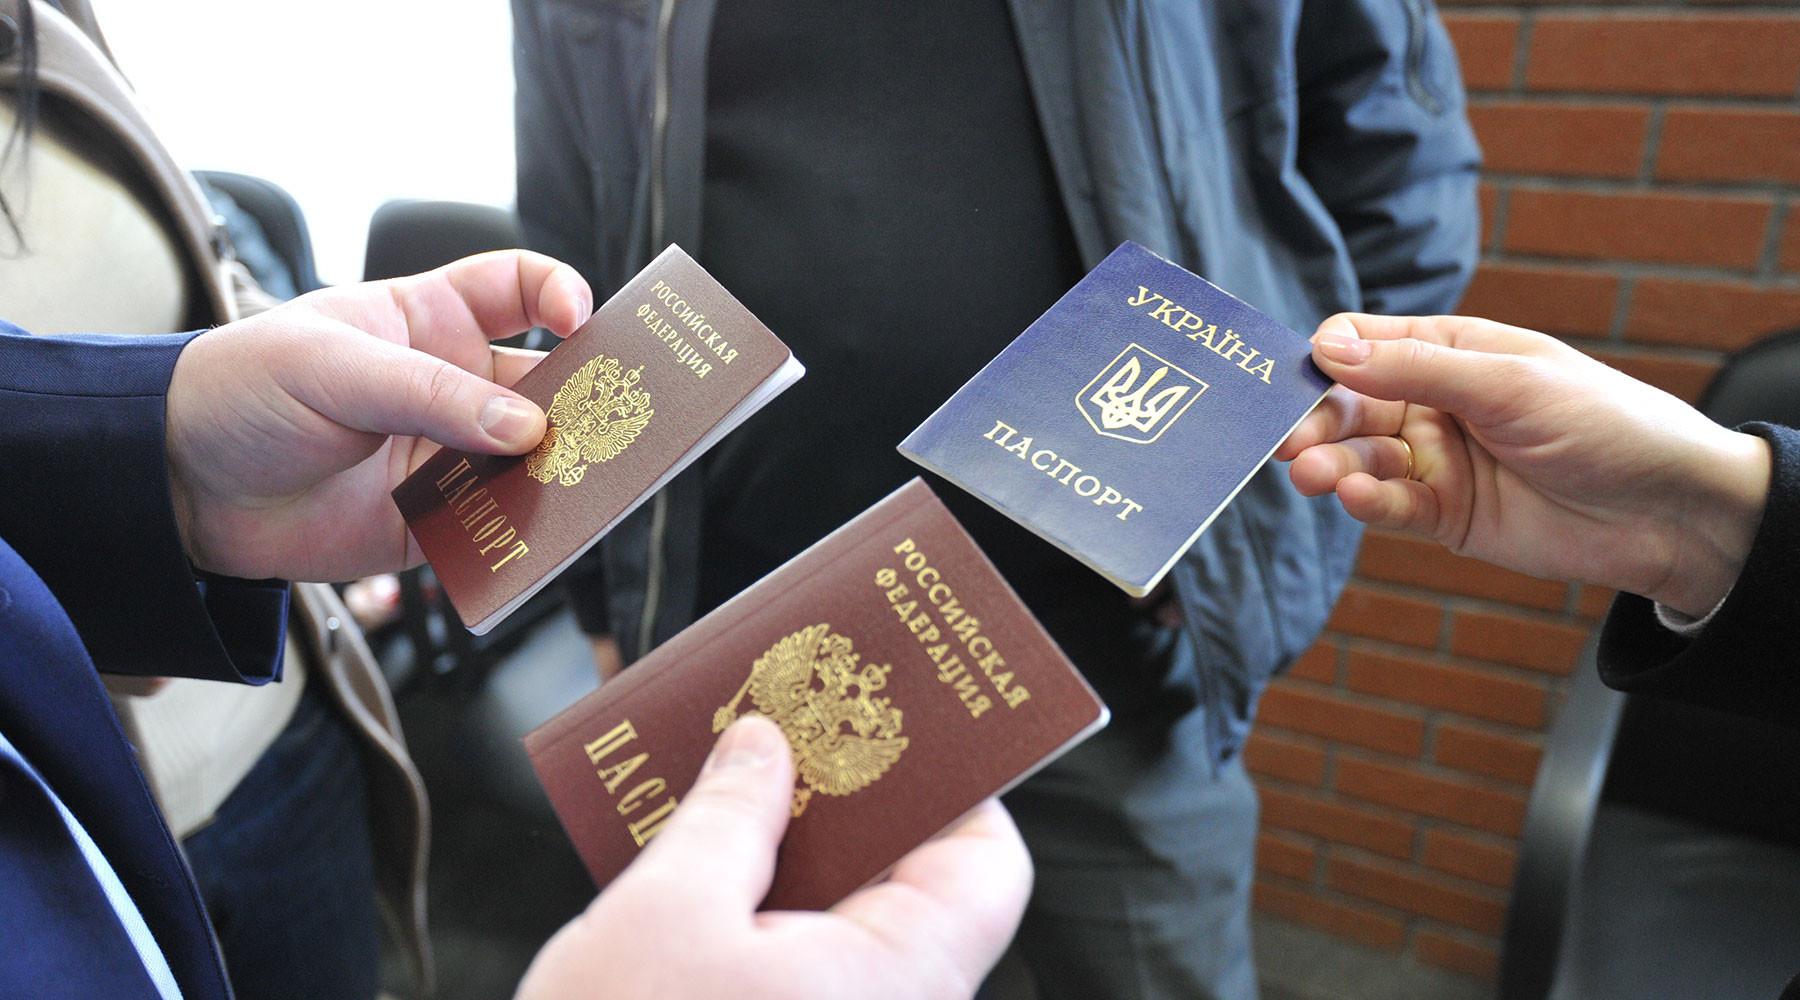 Без наркоманов и ВИЧ-инфицированных. Путин подписал указ об упрощении гражданства для украинцев